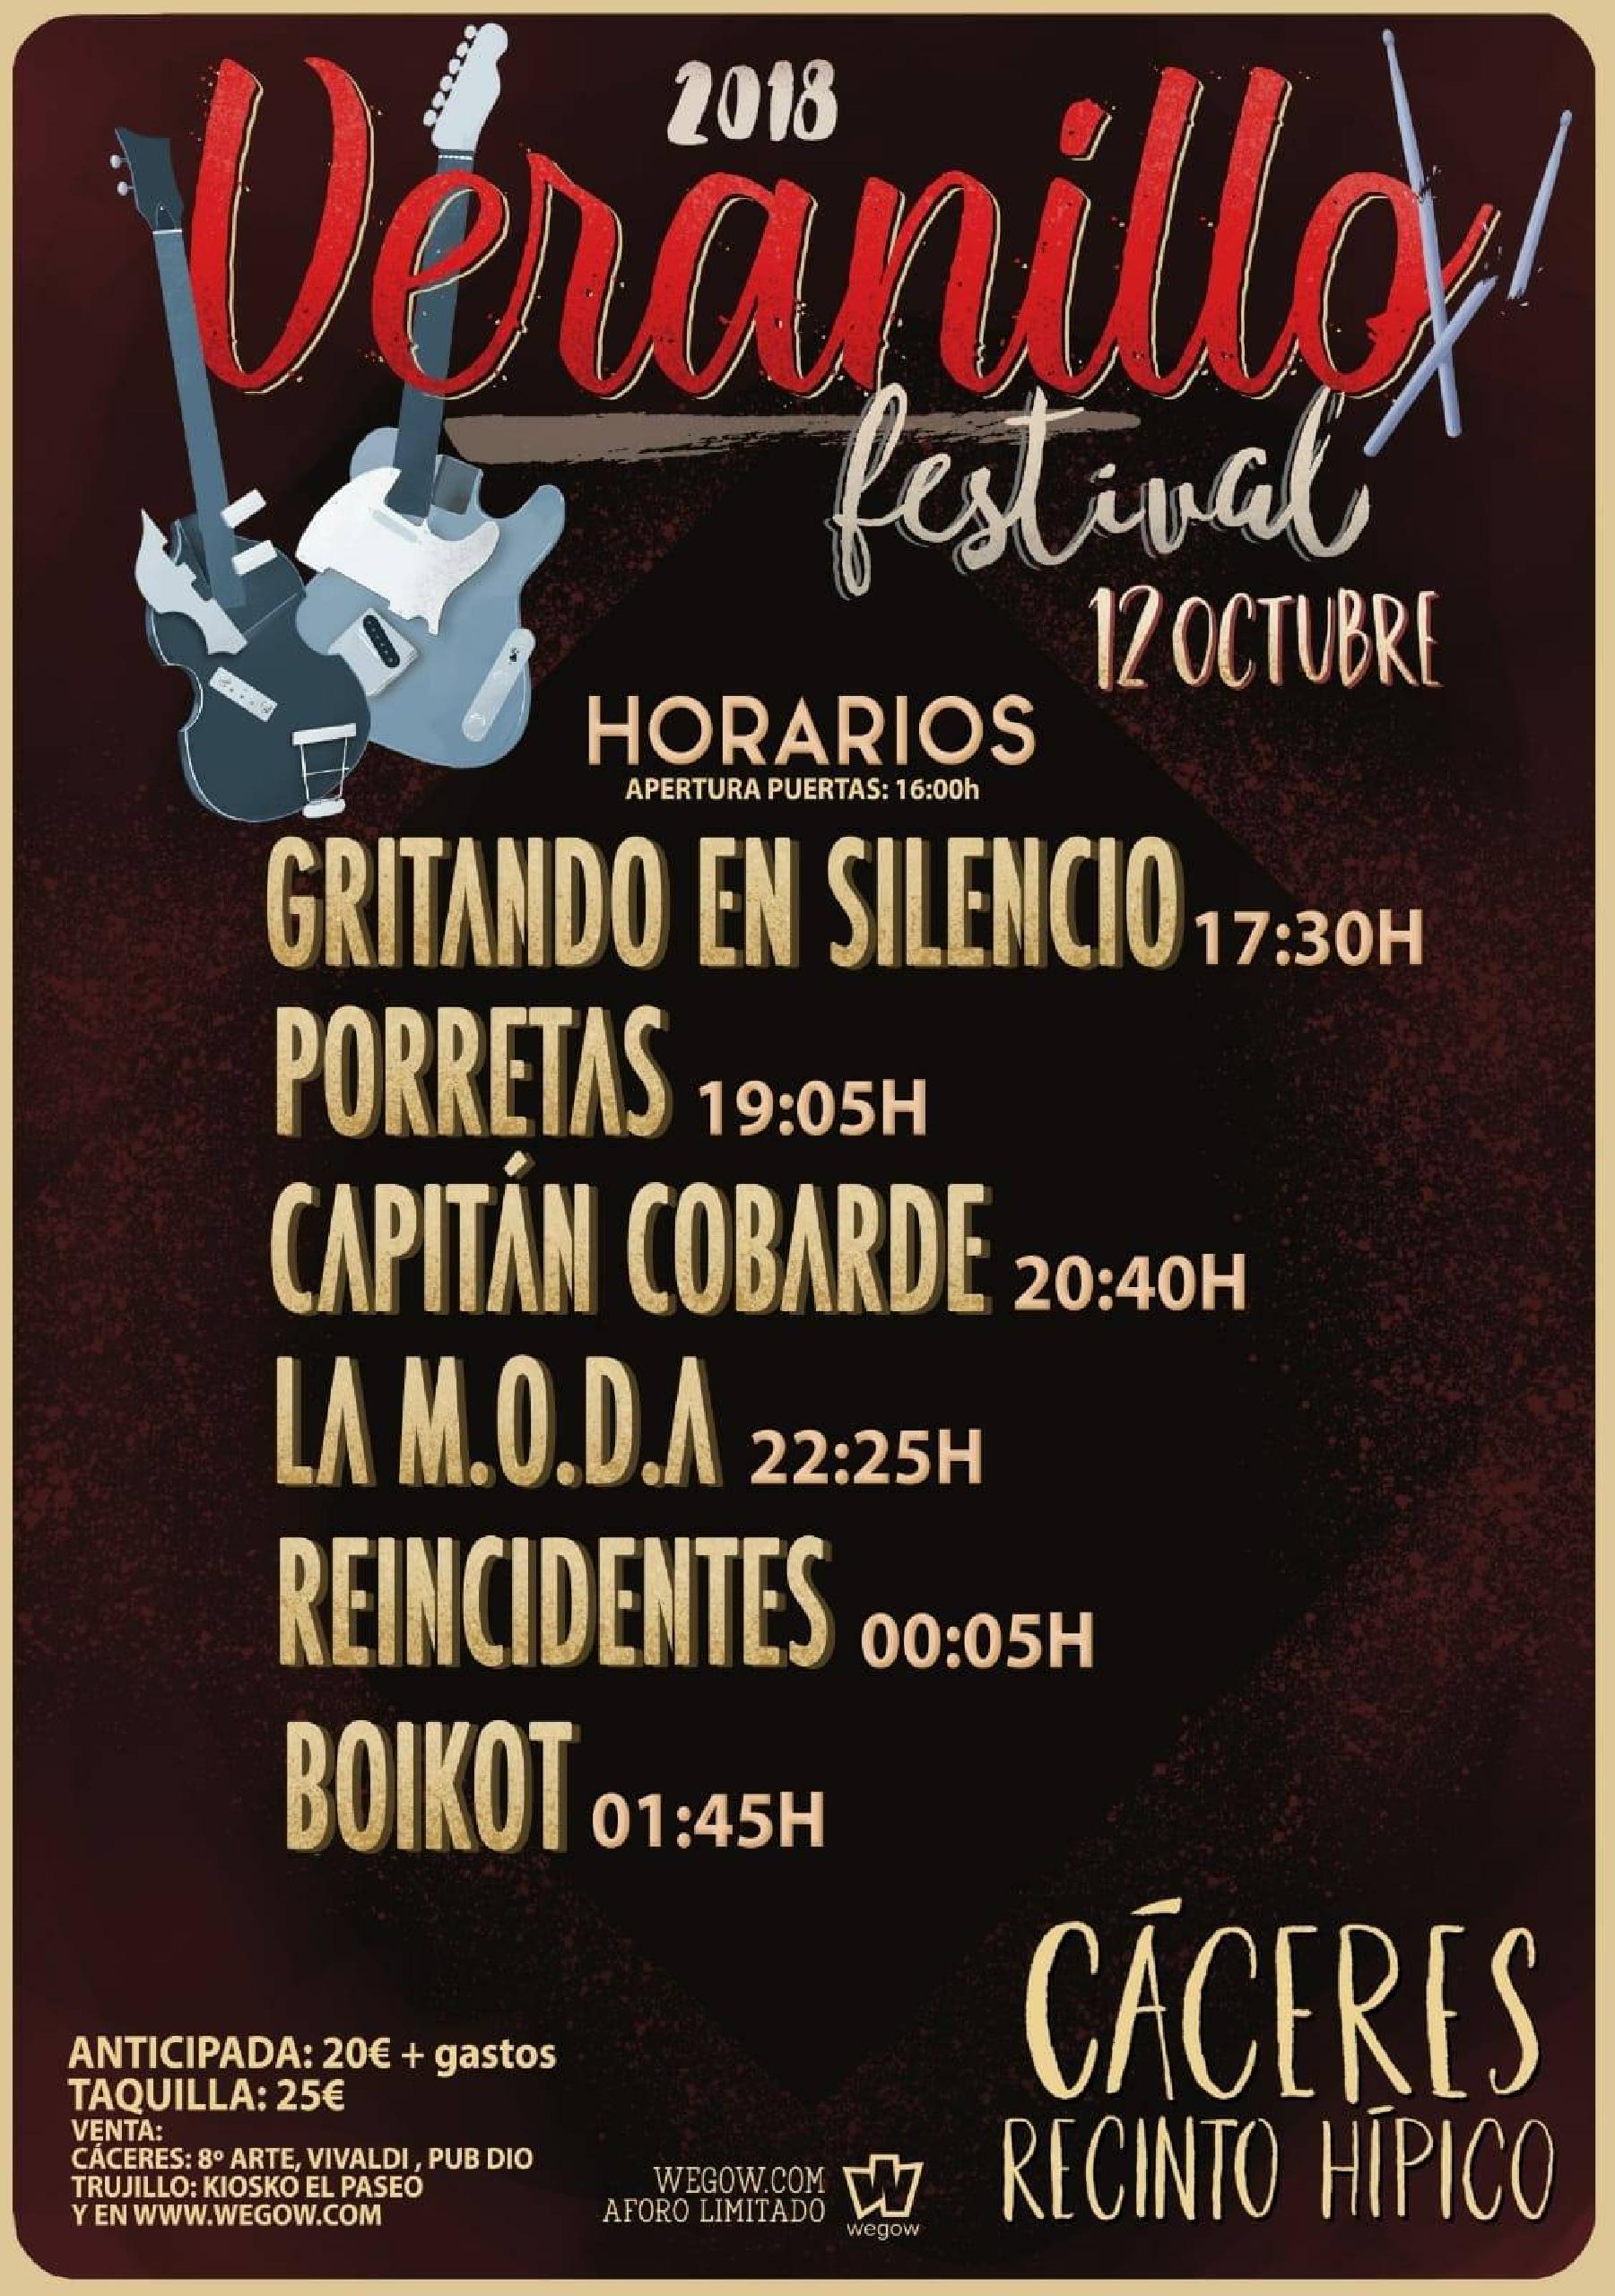 Horarios Veranillo Festival 2018